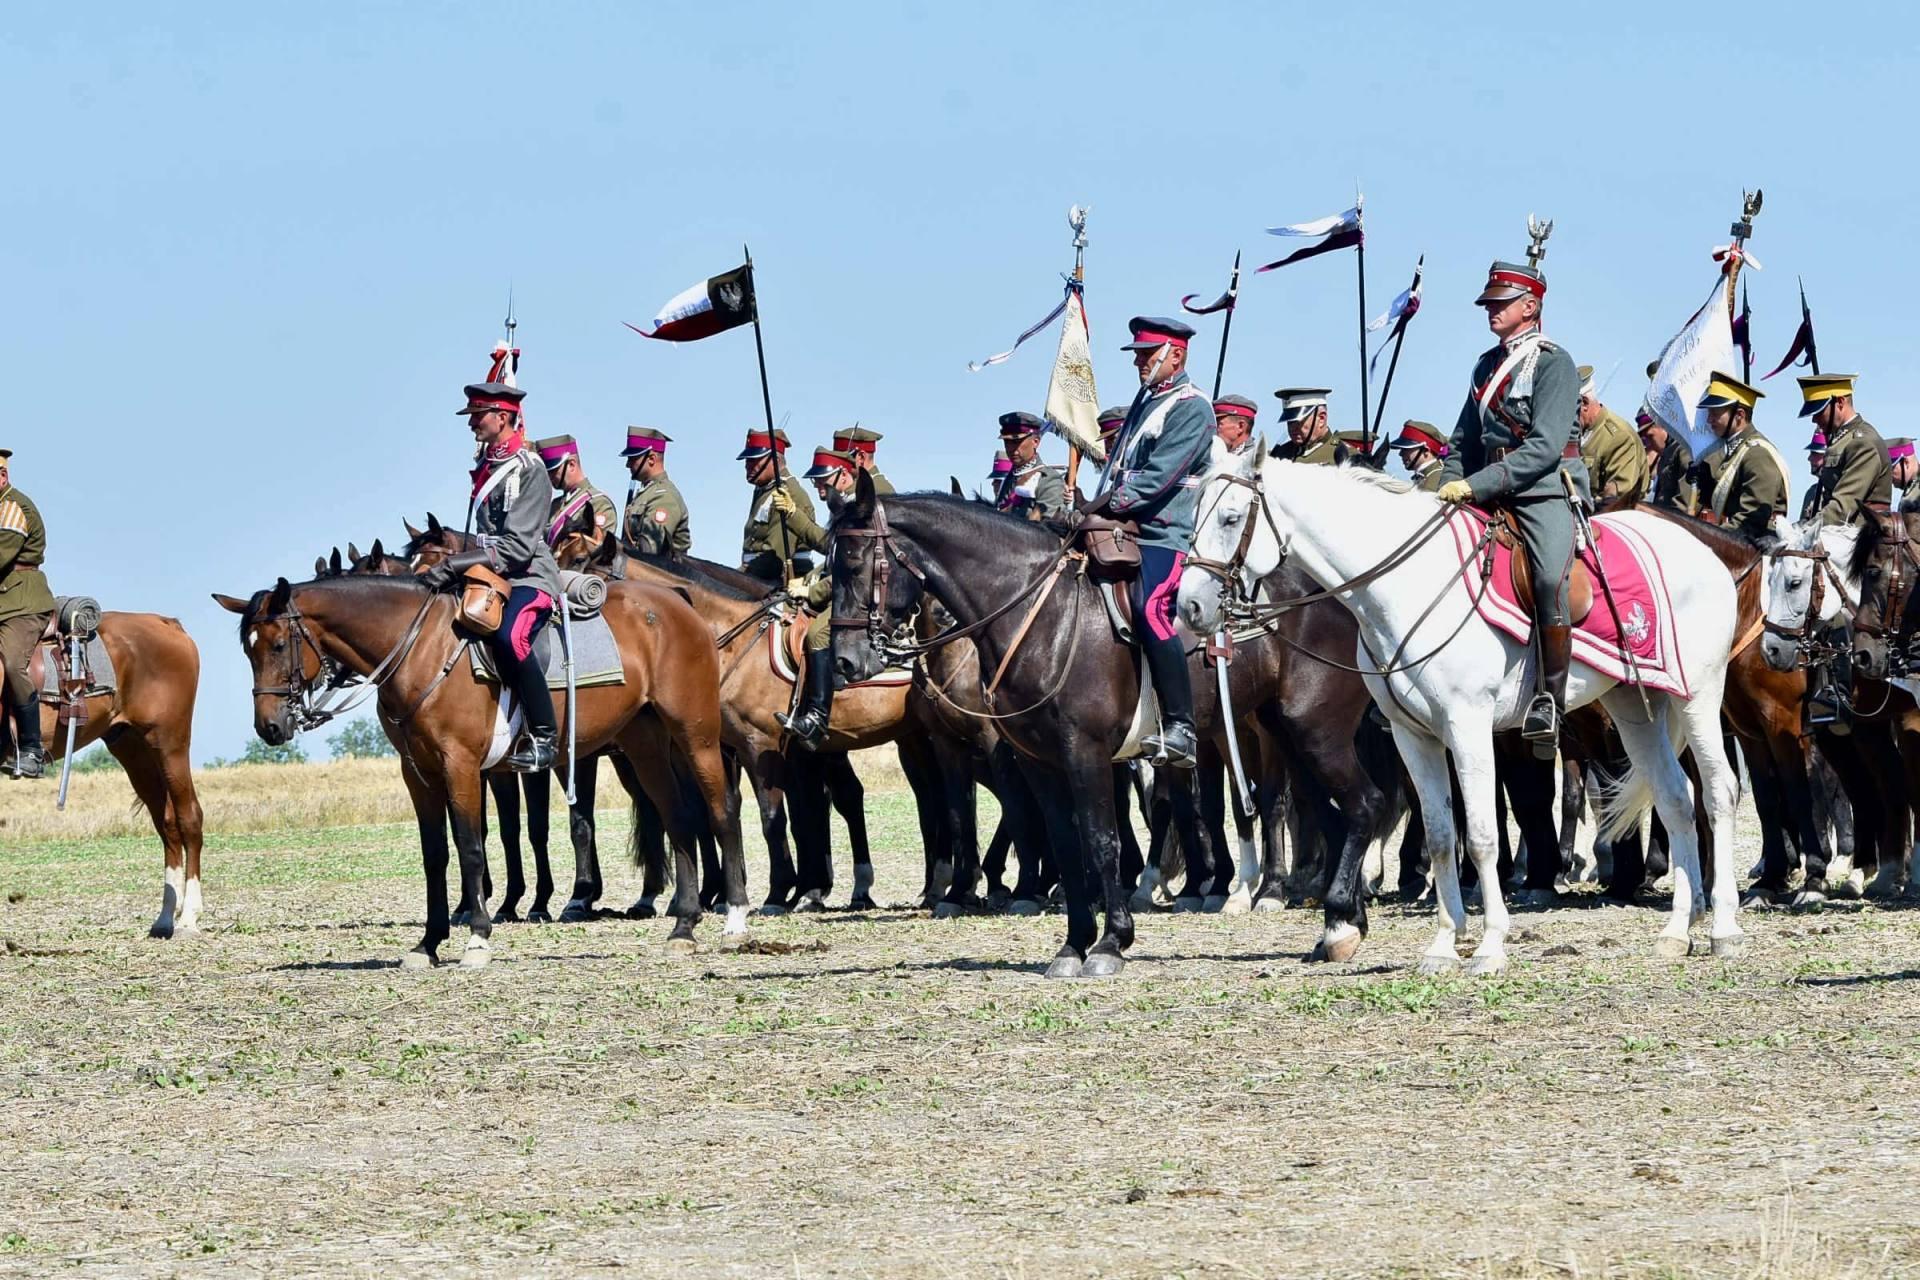 dsc 0536 Czas szabli - 100 rocznica bitwy pod Komarowem(zdjęcia)